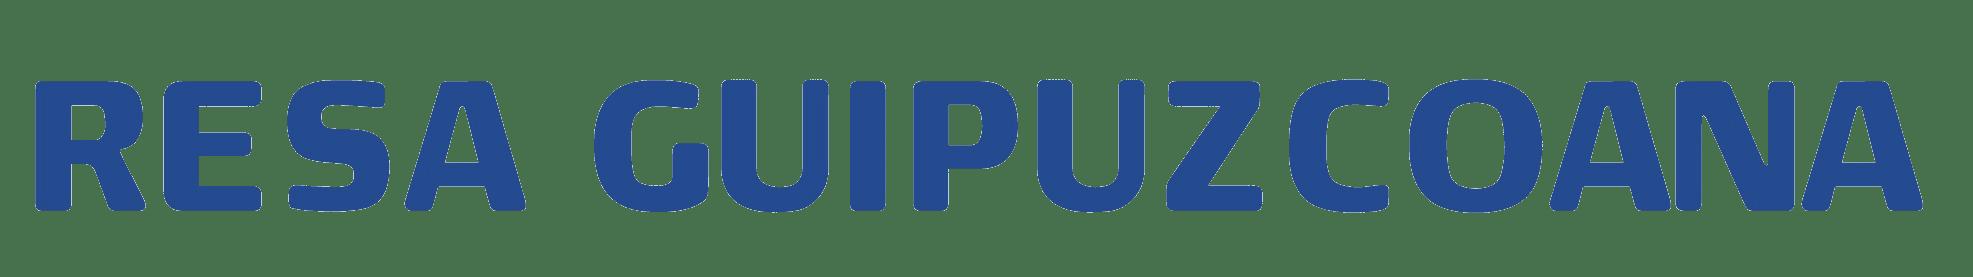 RESA GUIPUZCOANA, Concesionario Oficial Iveco en Gipuzkoa